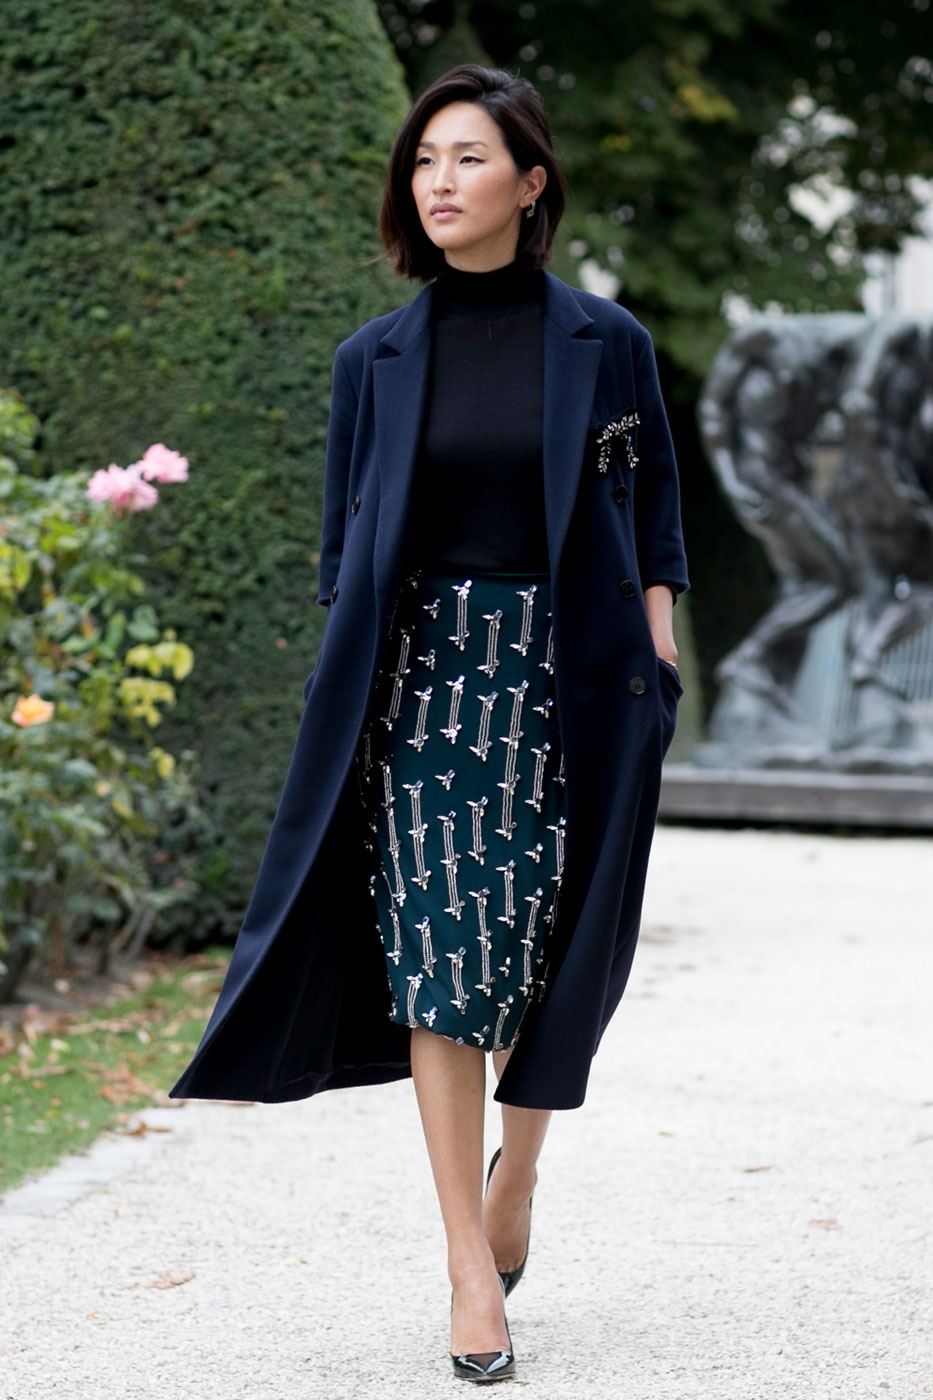 Paris-Fashion-Week-street-style-kaputi7